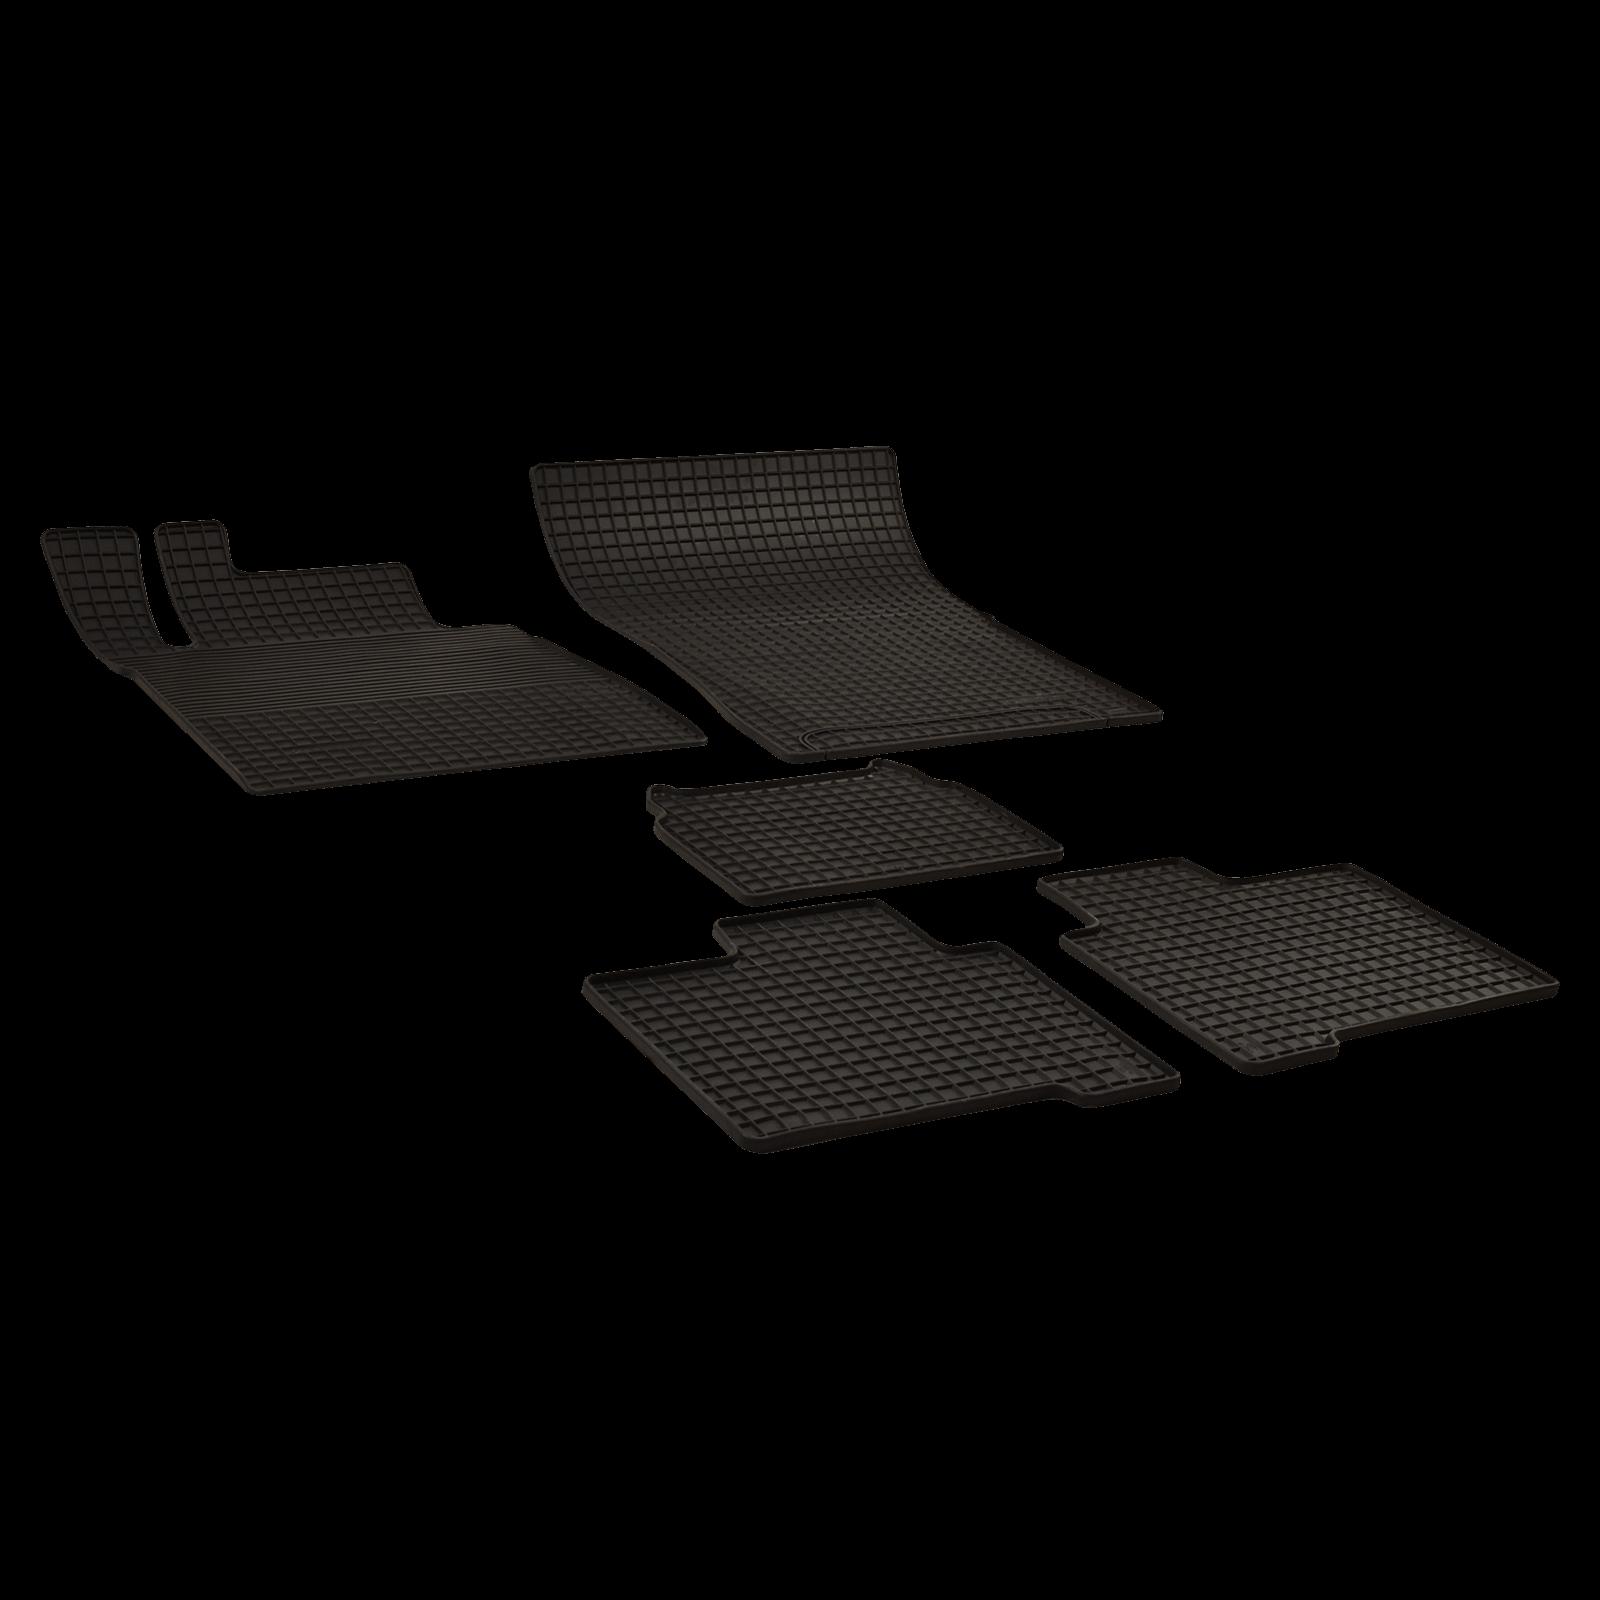 G Floor Mats >> Rubber Floor Mats Black For Mercedes Benz G Class Year Of Make 09 89